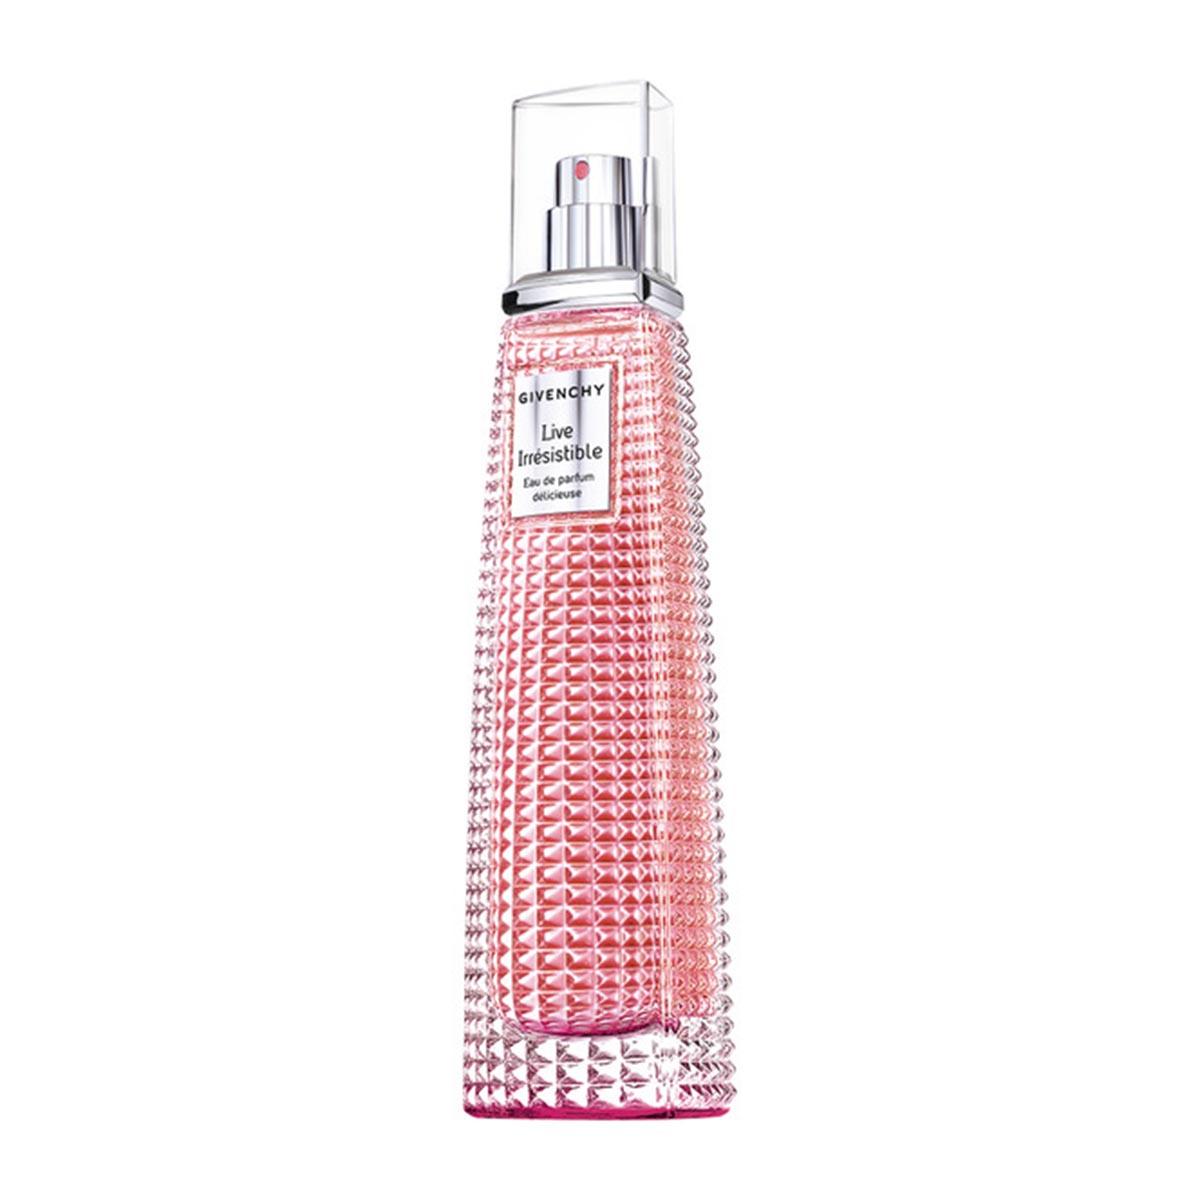 Givenchy live irresistible delicieuse eau de parfum 50ml vaporizador